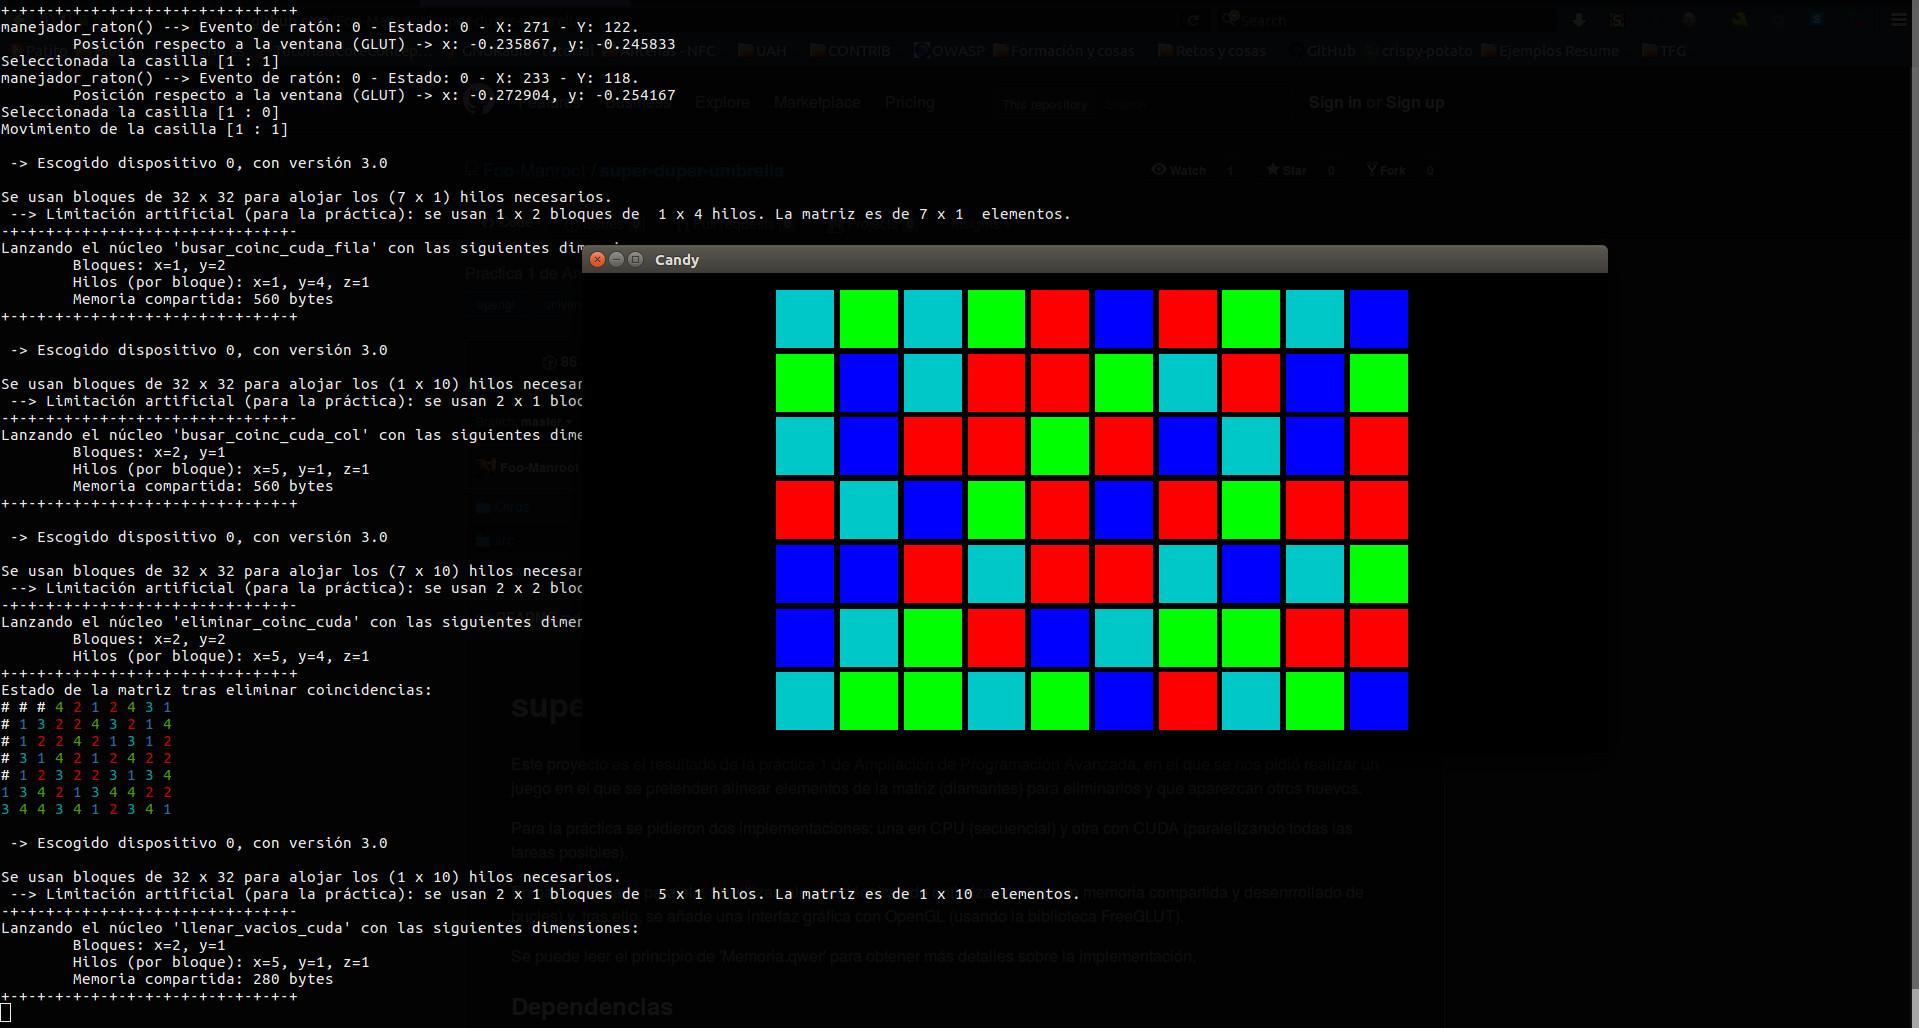 Captura de pantalla del juego con detalle extra